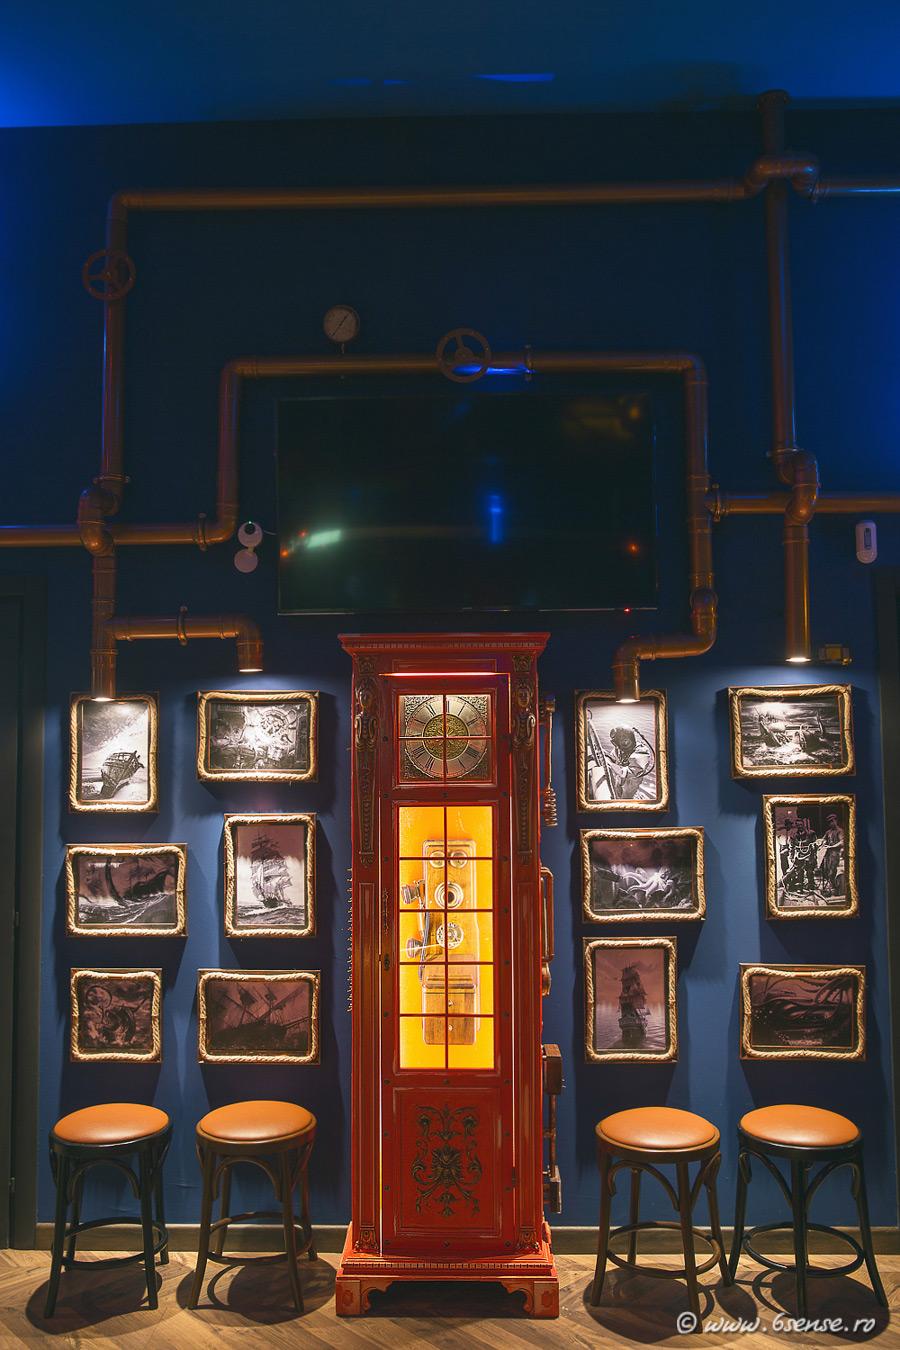 bar-interior-design-the-abyss-italy-kraken-steampunk-bistro-22.jpg